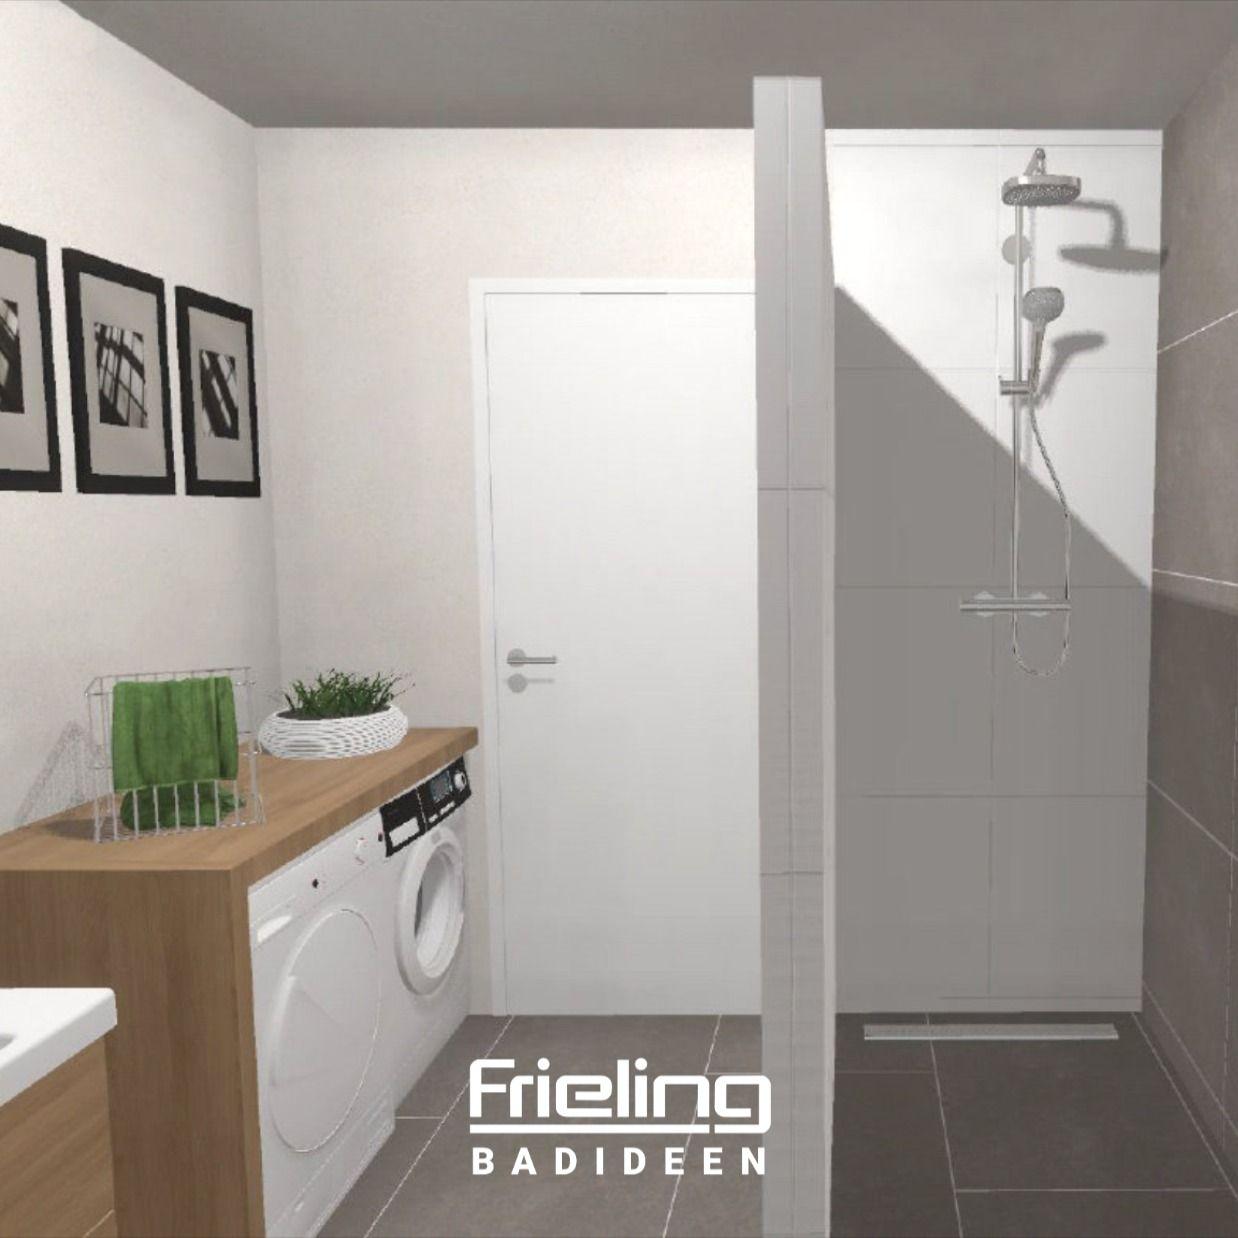 Perfekt versteckt  Trocker & Waschmaschine im Badezimmer